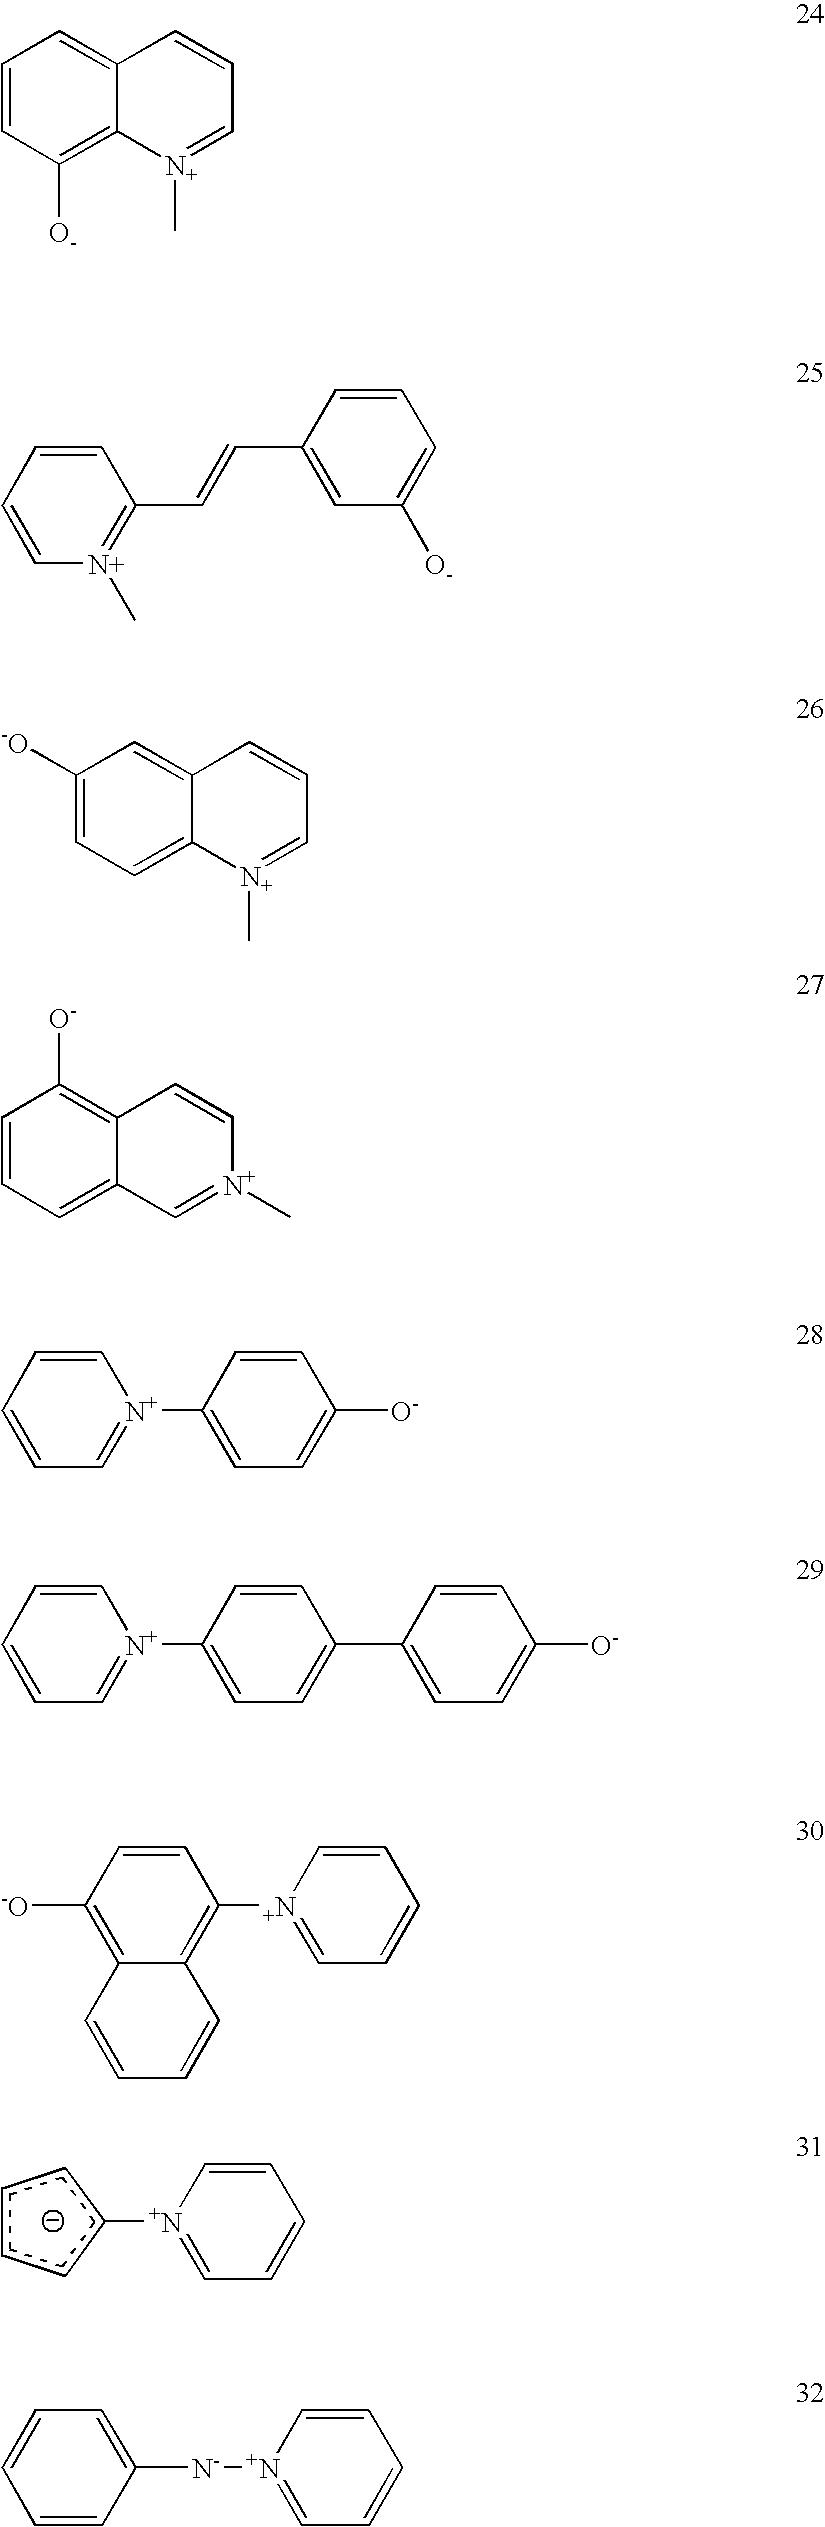 Figure US20060134728A1-20060622-C00012